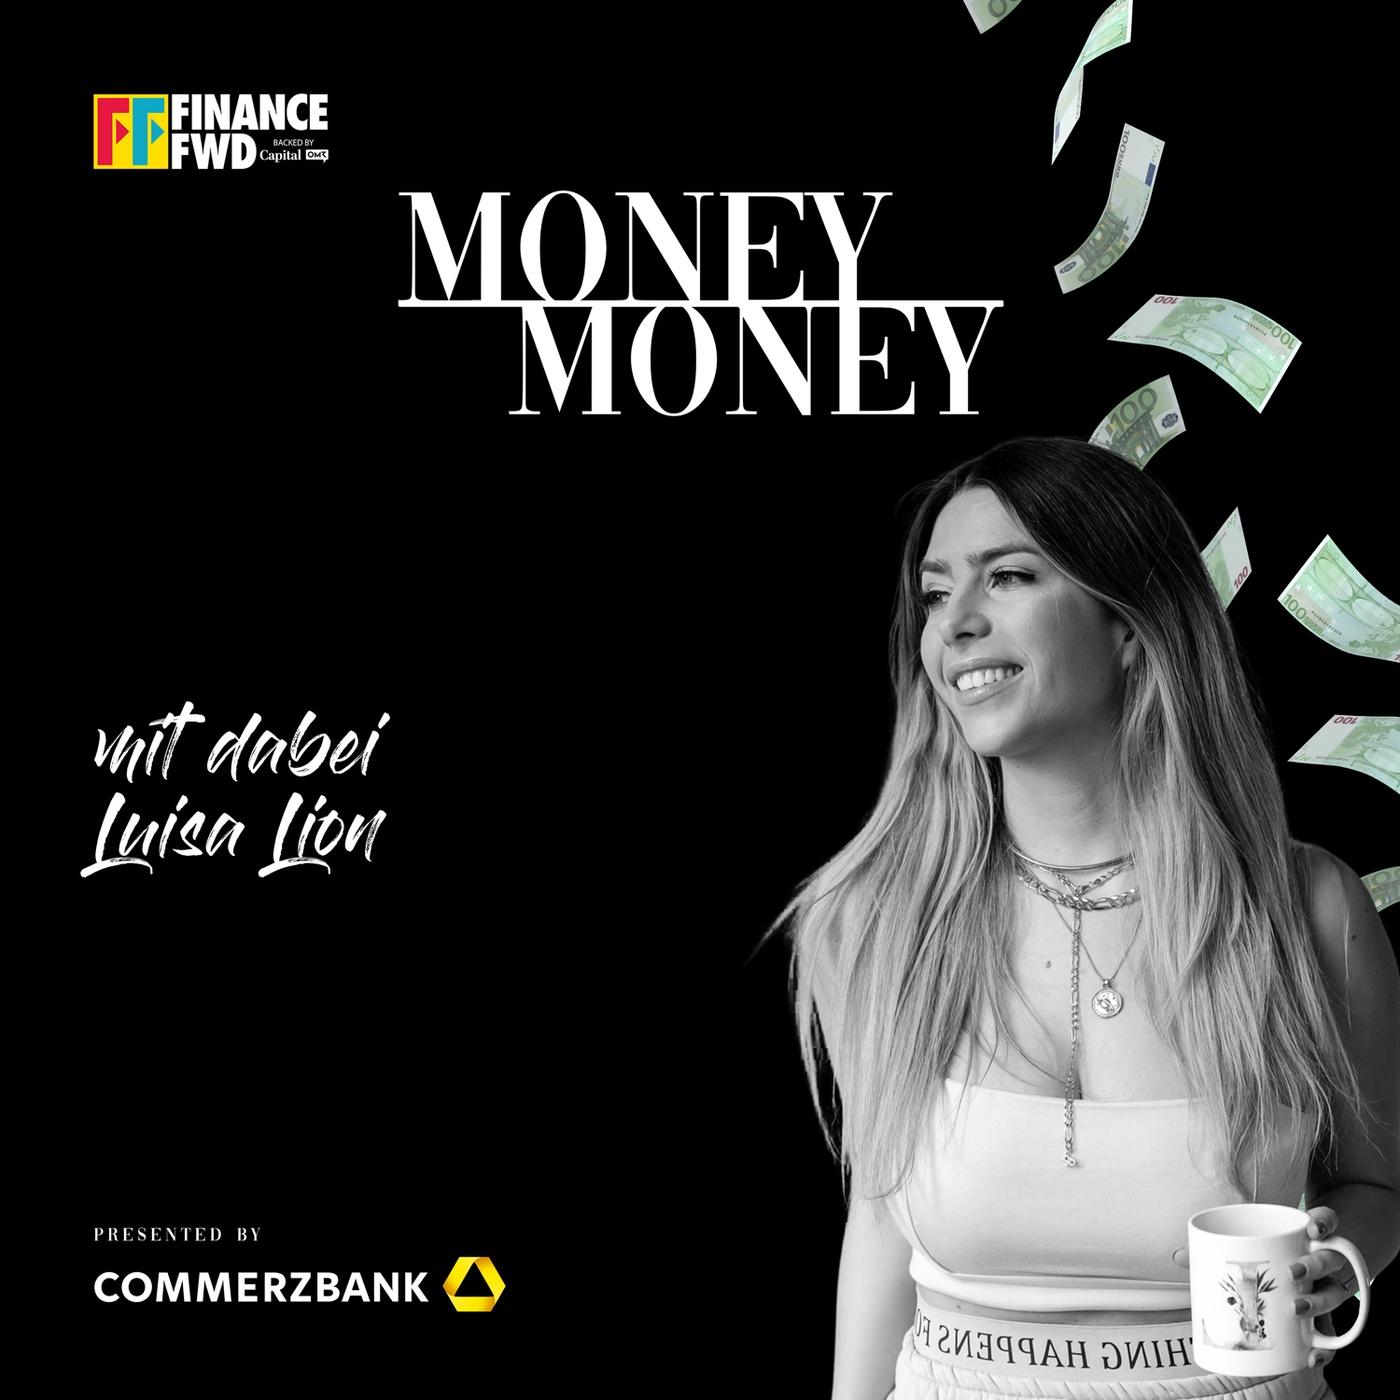 #8 Luisa Lion – Zwischen dezentralen Krypto-Coins und zentralen Immobilien